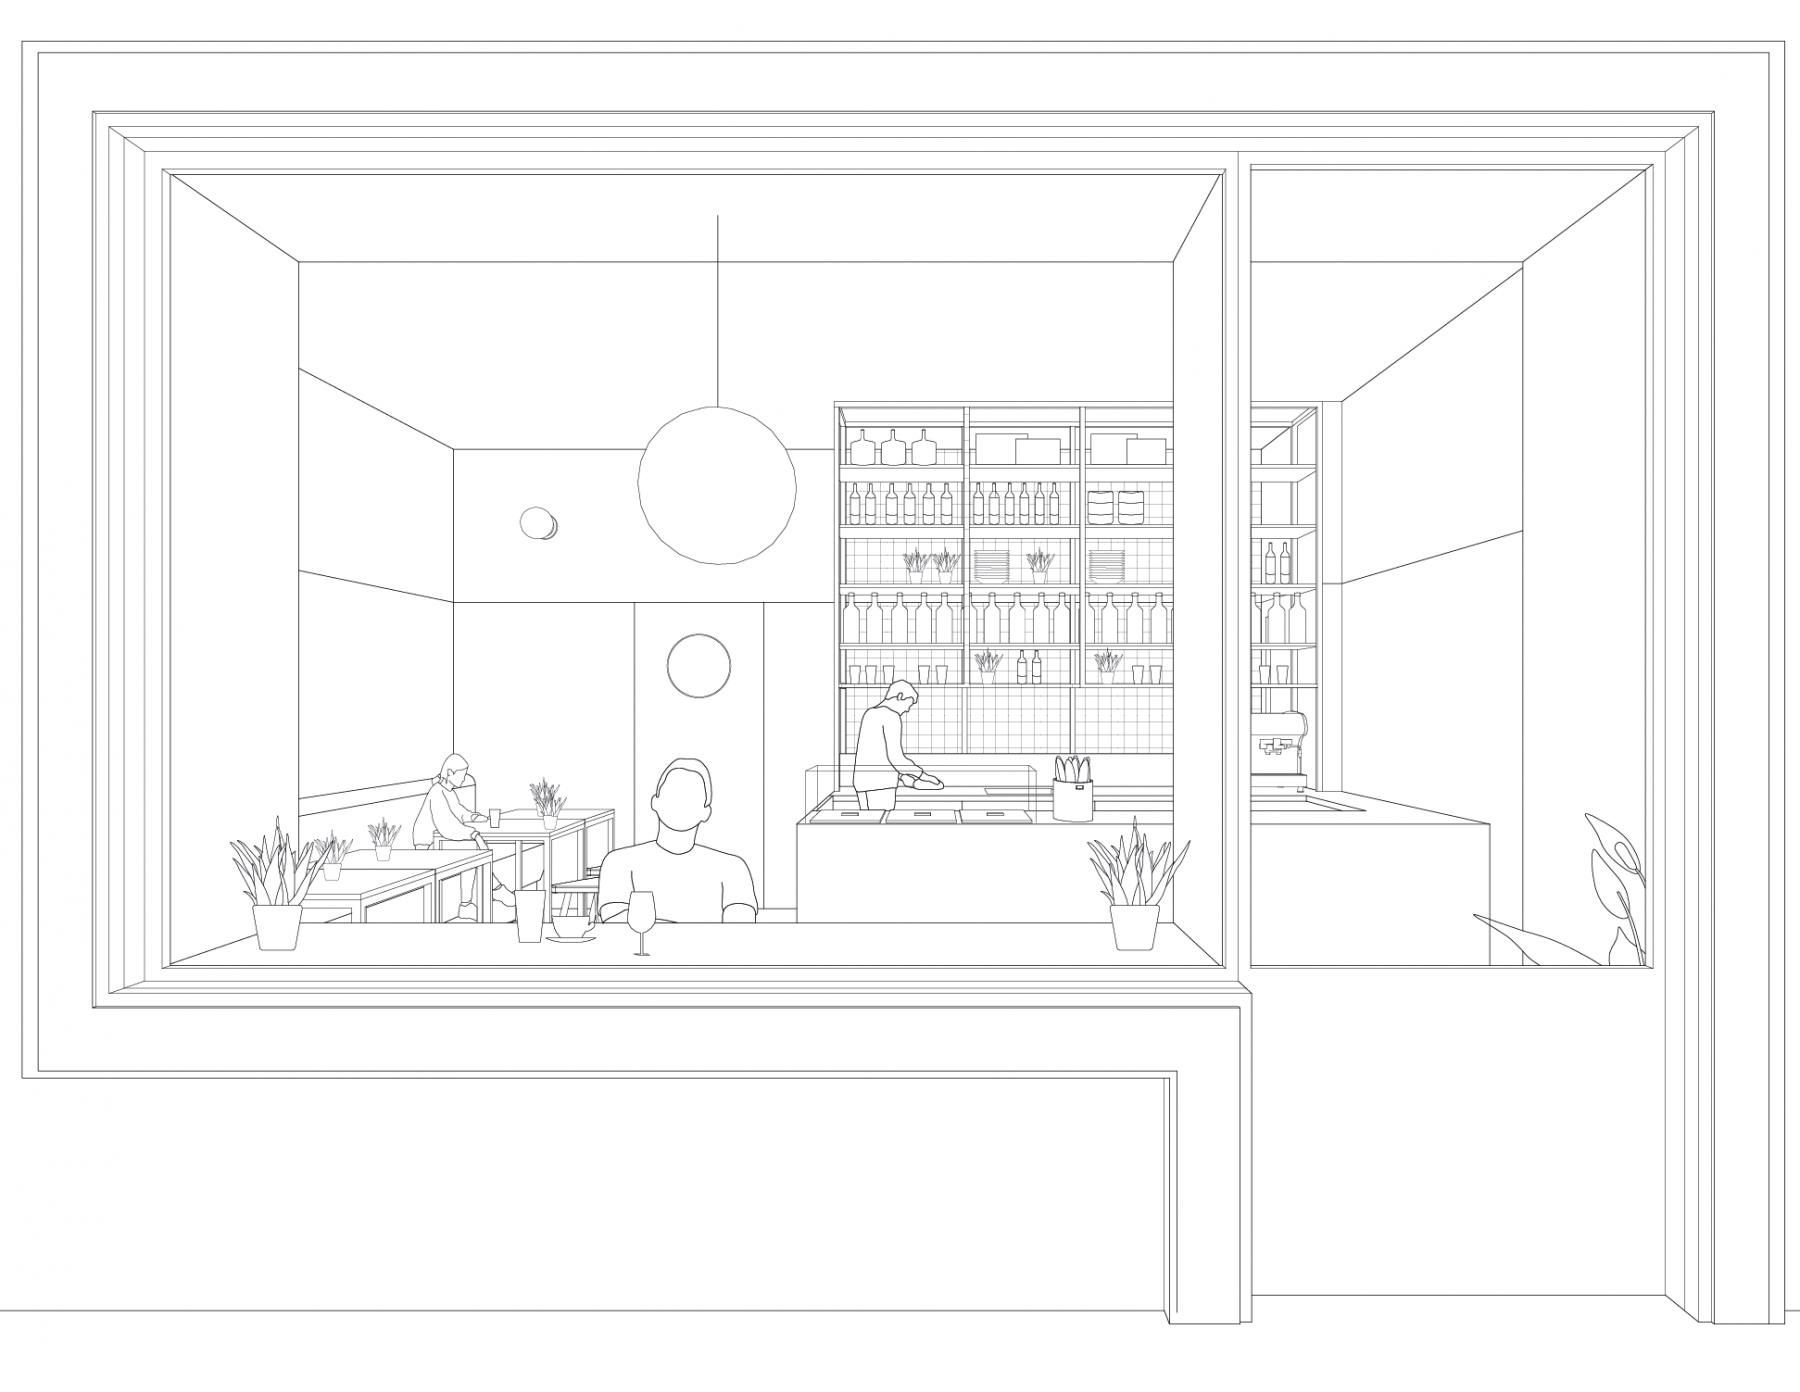 dc ad deli architecture section 01